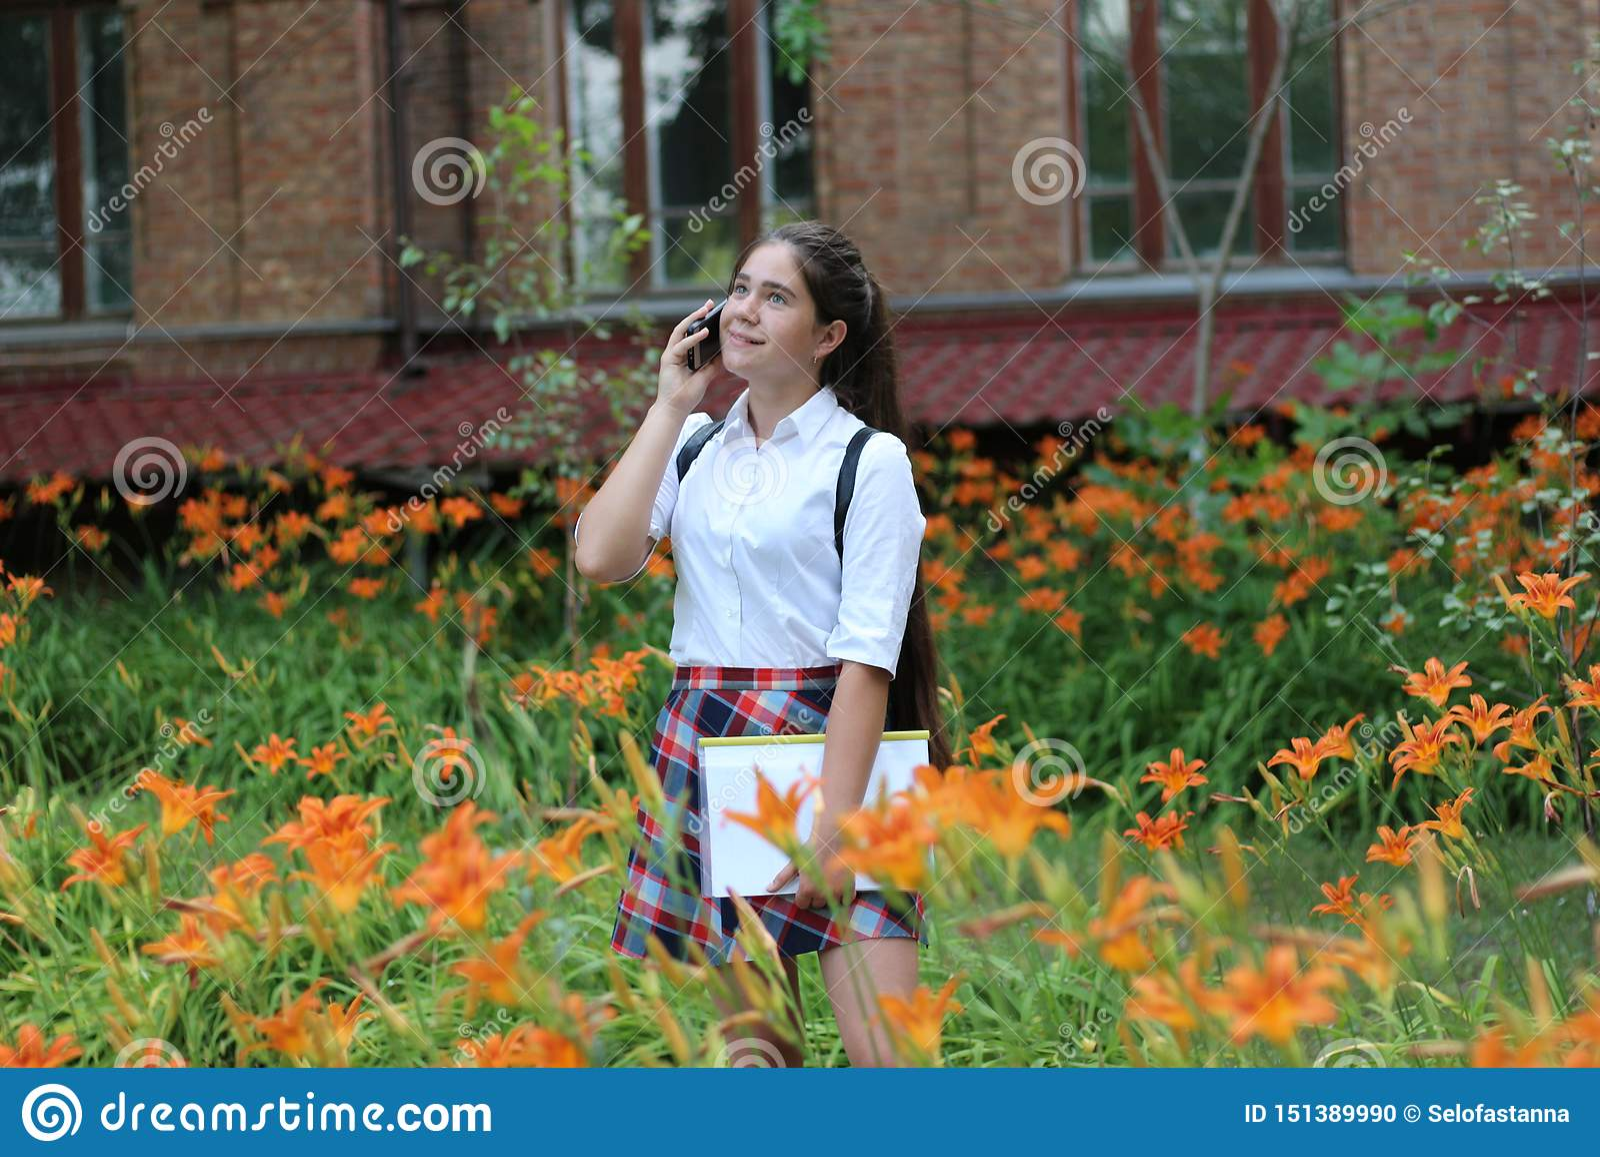 Fille d écolière avec de longs cheveux dans l uniforme scolaire parlant au téléphone